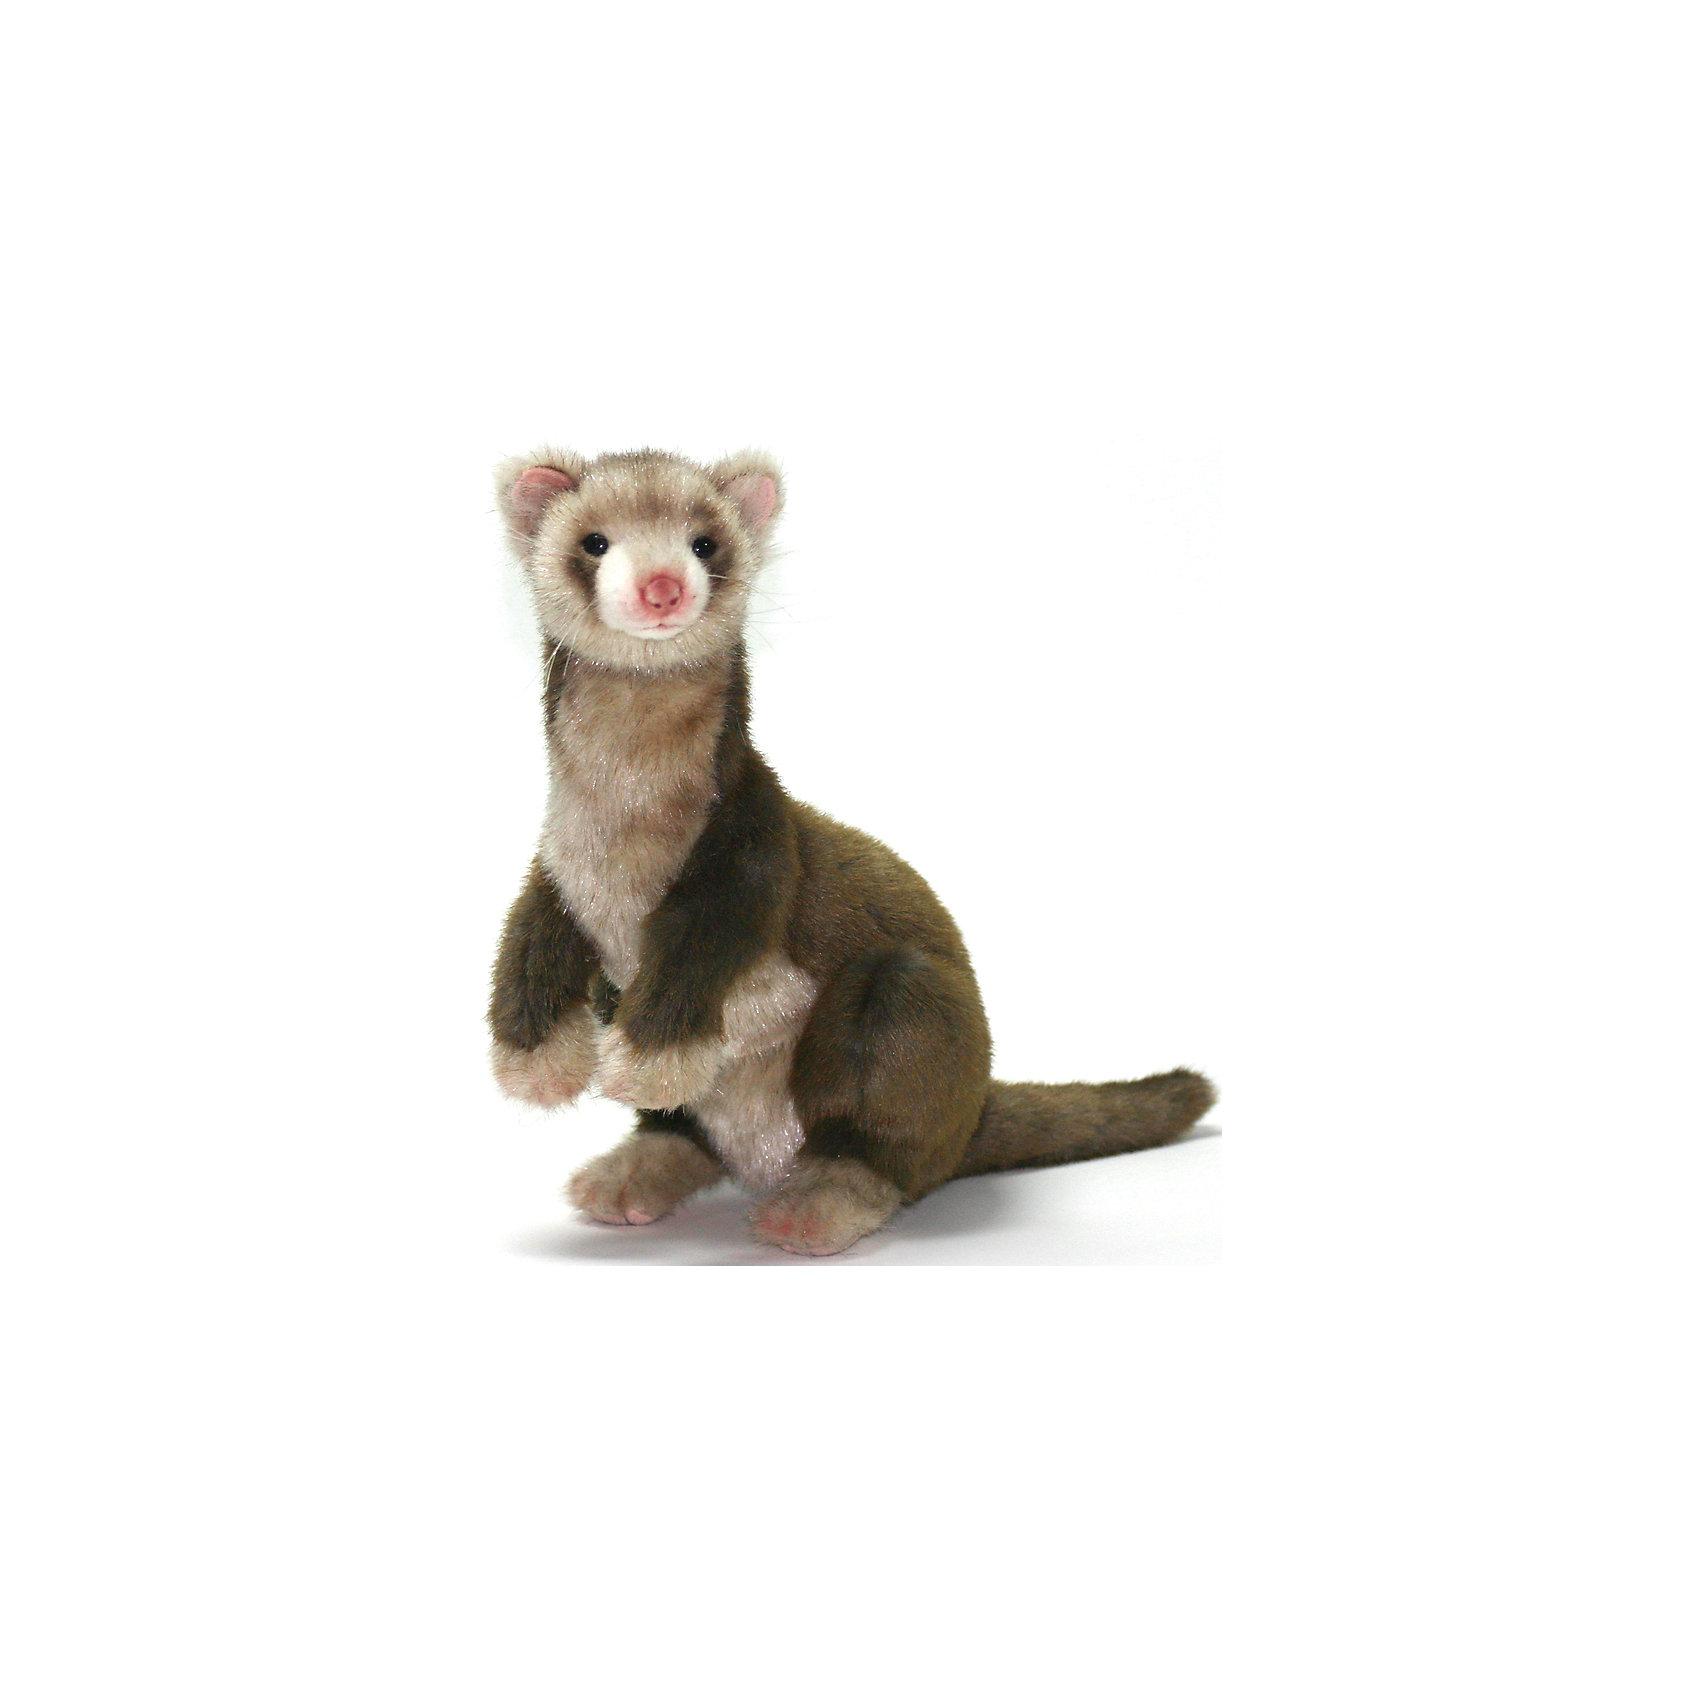 Хорек коричневый, 32 смХорек коричневый, 32 см – игрушка от знаменитого бренда Hansa, специализирующегося на выпуске мягких игрушек с высокой степенью натуралистичности. Внешний вид игрушки полностью соответствует реальному прототипу – хорьку. Он выполнен из искусственного меха с ворсом разной длины: спинка и хвостик – из меха со средней длиной ворса темно-коричневого цвета, длинный золотистых мех – на грудке и мордочке. Использованные материалы обладают гипоаллергенными свойствами. Внутри игрушки имеется металлический каркас, позволяющий изменять положение. <br>Игрушка относится к серии Дикие животные. <br>Мягкие игрушки от Hansa подходят для сюжетно-ролевых игр, для обучающих игр, направленных на знакомство с животным миром дикой природы. Кроме того, их можно использовать в качестве интерьерных игрушек. Коллекция из нескольких игрушек позволяет создать свою домашнюю ферму, которая будет радовать вашего ребенка долгое время, так как ручная работа и качественные материалы гарантируют их долговечность и прочность.<br><br>Дополнительная информация:<br><br>- Вид игр: сюжетно-ролевые игры, коллекционирование, интерьерные игрушки<br>- Предназначение: для дома, для детских развивающих центров, для детских садов<br>- Материал: искусственный мех, наполнитель ? полиэфирное волокно<br>- Размер (ДхШхВ): 29*32*20 см<br>- Вес: 795 г<br>- Особенности ухода: сухая чистка при помощи пылесоса или щетки для одежды<br><br>Подробнее:<br><br>• Для детей в возрасте: от 3 лет <br>• Страна производитель: Филиппины<br>• Торговый бренд: Hansa<br><br>Хорька коричневого, 32 см можно купить в нашем интернет-магазине.<br><br>Ширина мм: 29<br>Глубина мм: 32<br>Высота мм: 20<br>Вес г: 795<br>Возраст от месяцев: 36<br>Возраст до месяцев: 2147483647<br>Пол: Унисекс<br>Возраст: Детский<br>SKU: 4927190